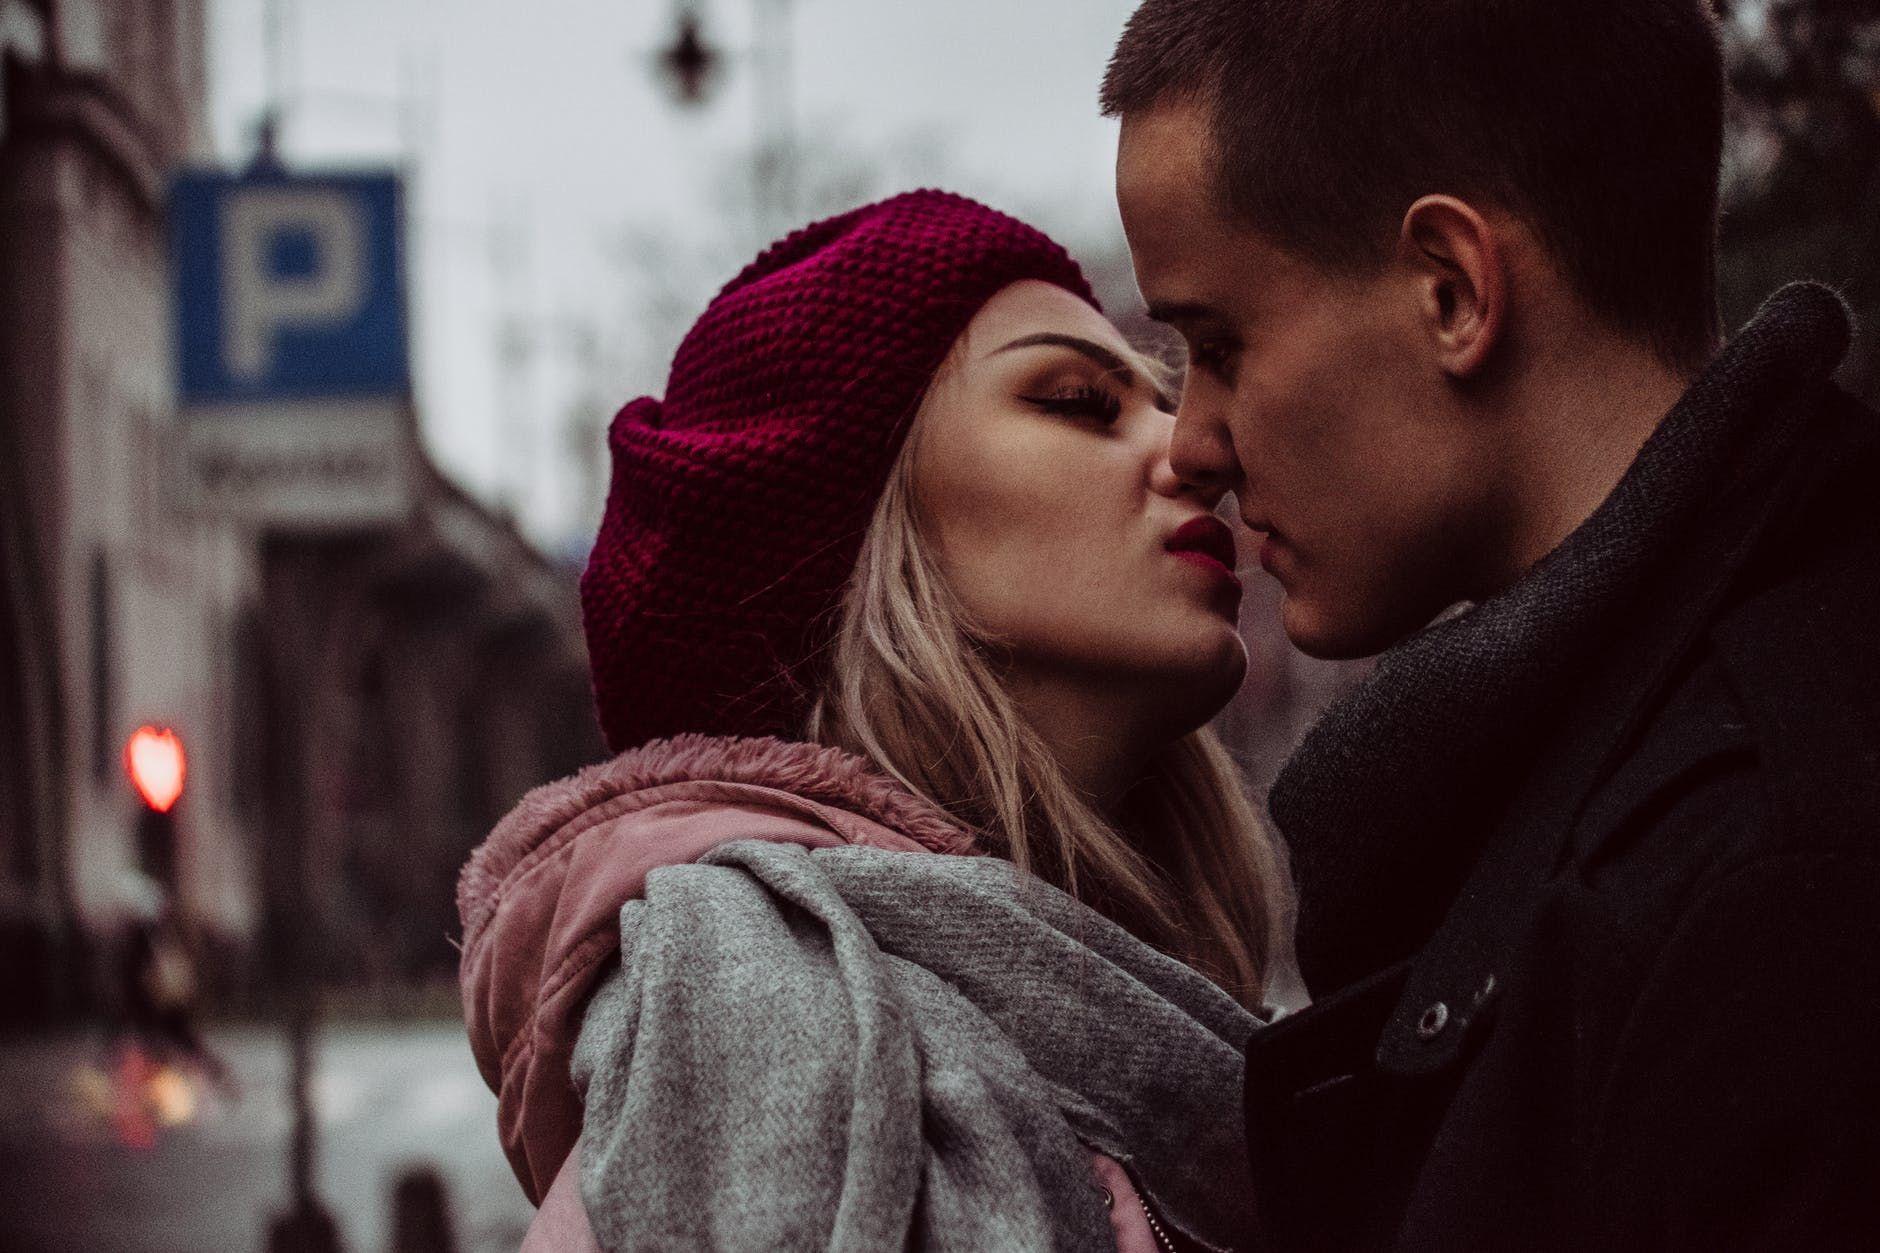 Seperti Apa Sih Ciuman yang Baik Itu? Para Ahli Beberkan Kriterianya